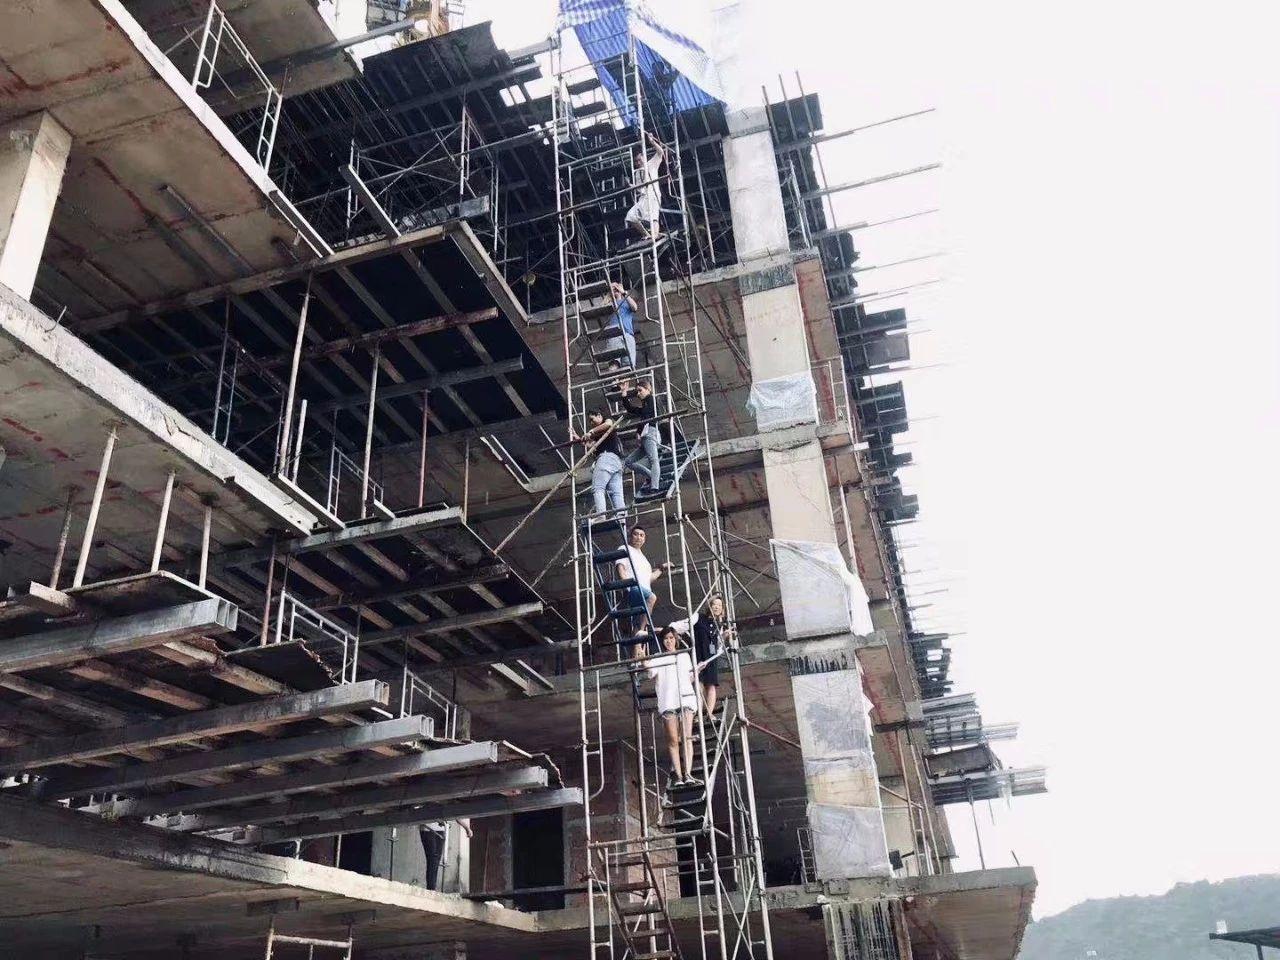 【登岛实时】UTC项目现场跟踪报道,A栋与B栋同步告诉建设,最高部分均已达6层!